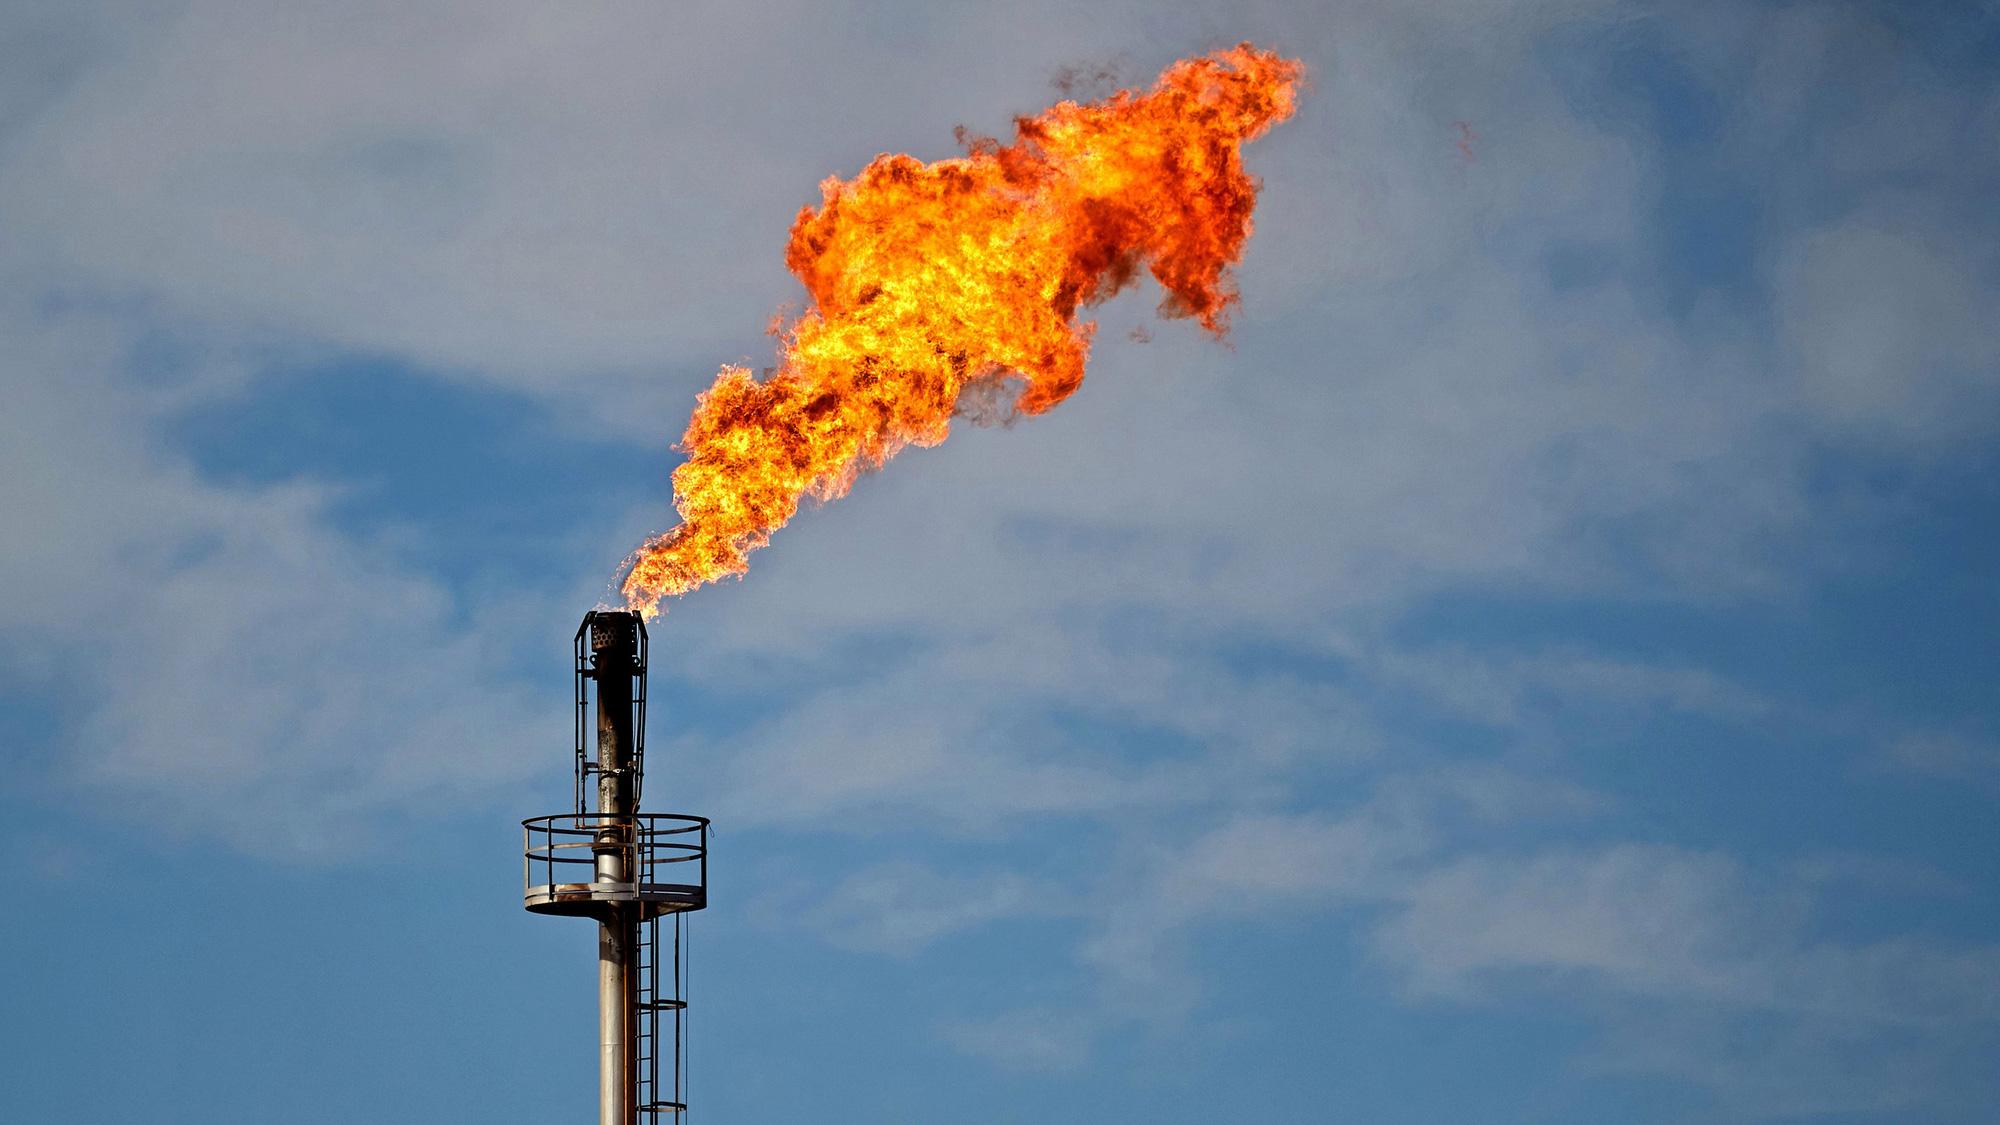 Giá gas hôm nay 22/7: Chấm dứt đà tăng, giá khí đốt tự nhiên giảm trở lại - Ảnh 1.